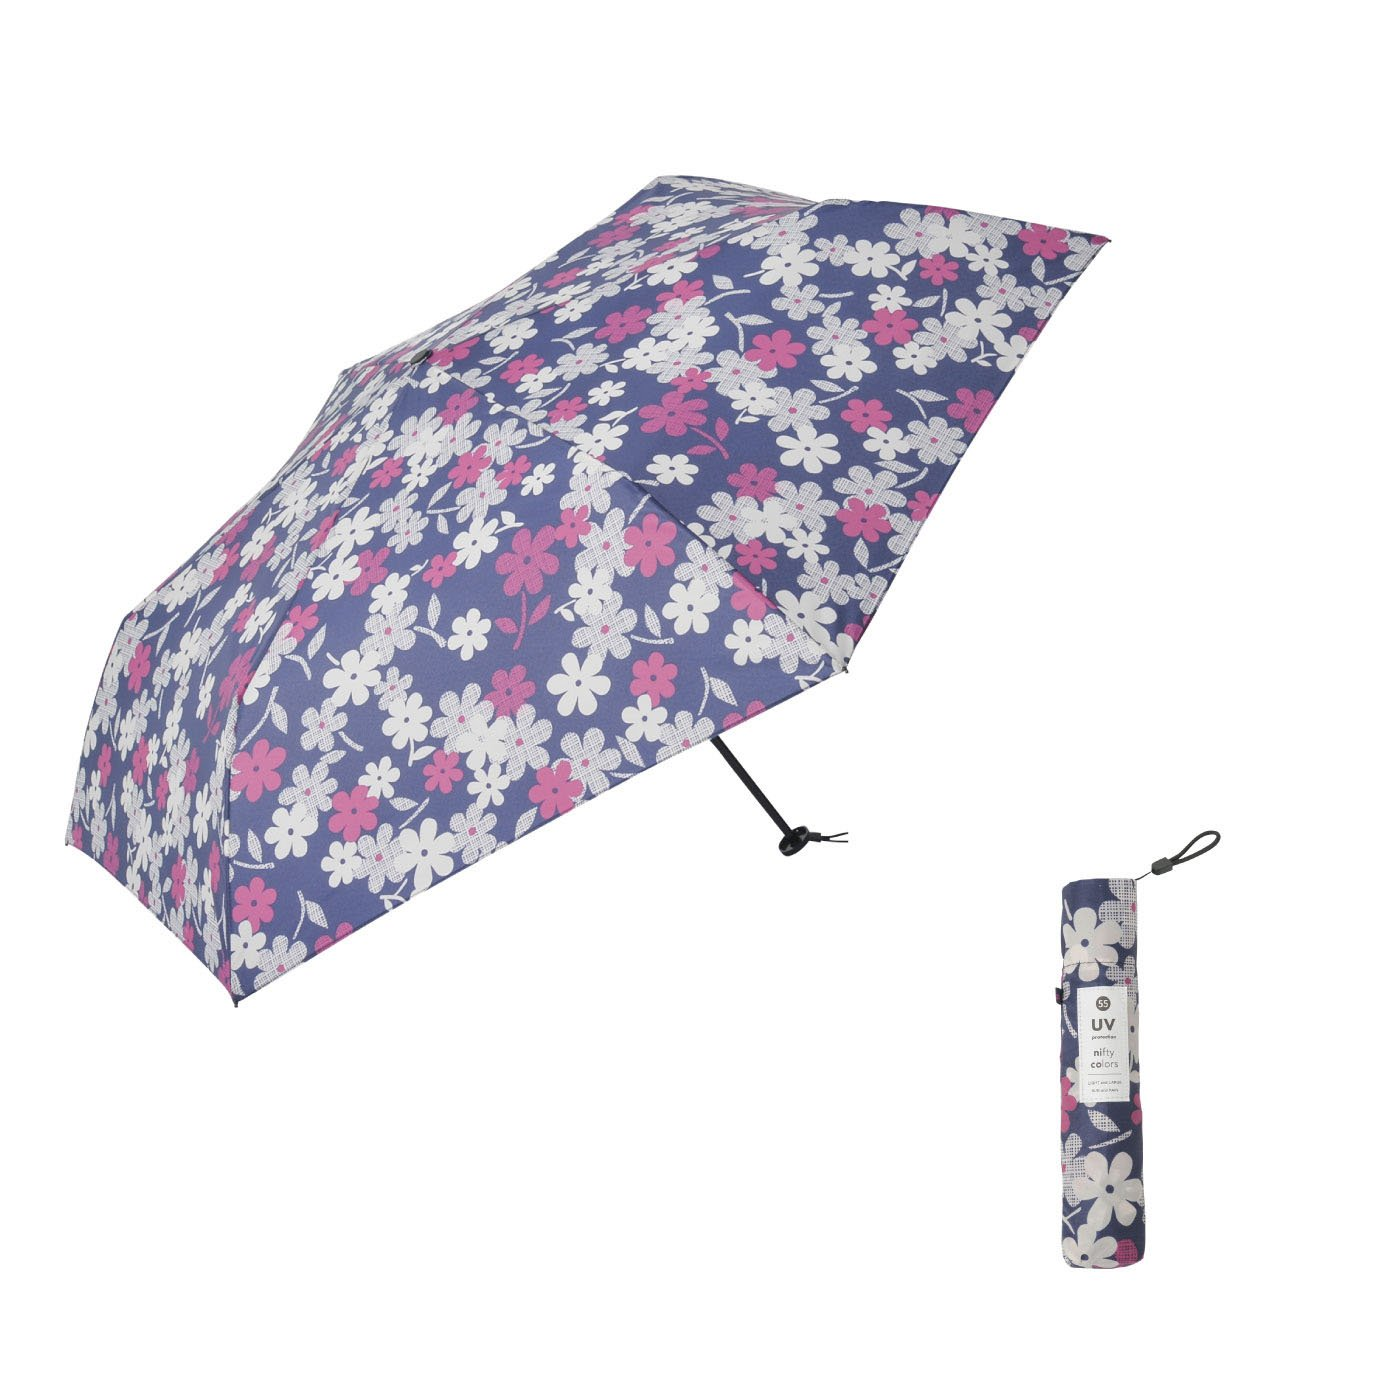 たたんでコンパクト!ちょっと大きめ55cmのマーガレット晴雨兼用傘